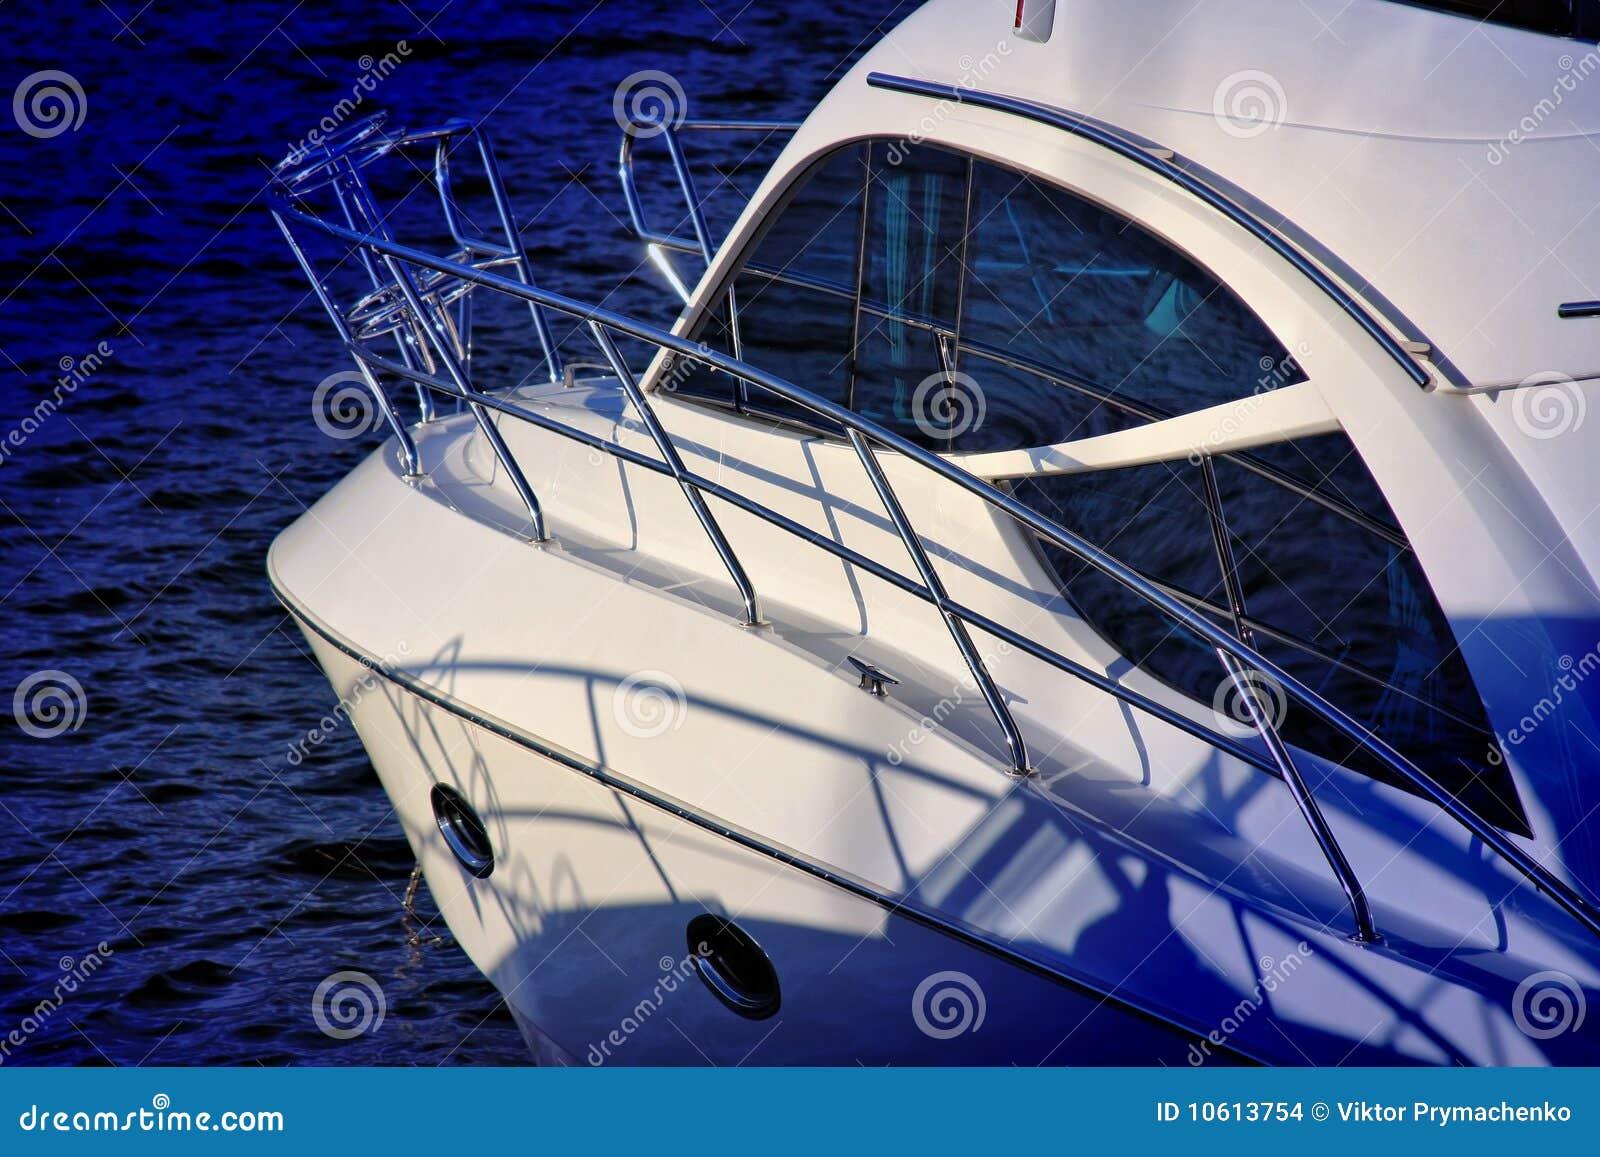 Luxury Motor Yacht Stock Images Image 10613754